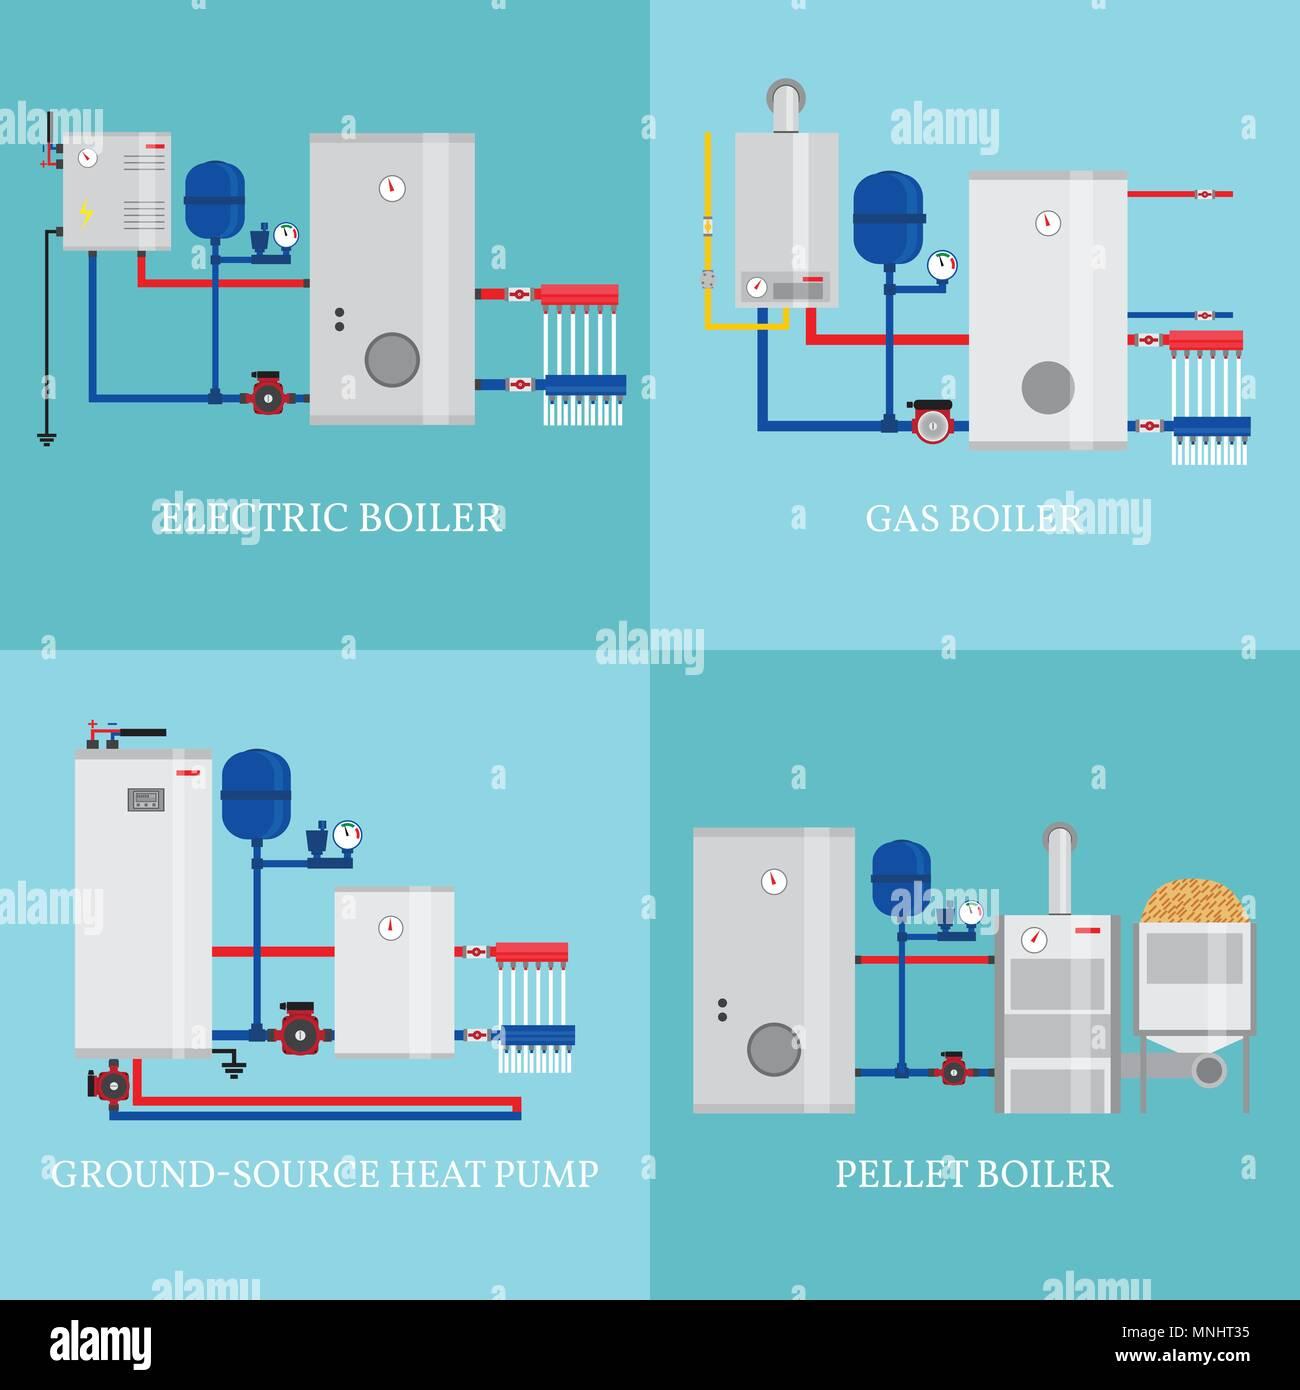 Sistemas de calefaccion electrica gallery of en modernas ya no se justifican sistemas de - Sistemas calefaccion electrica ...